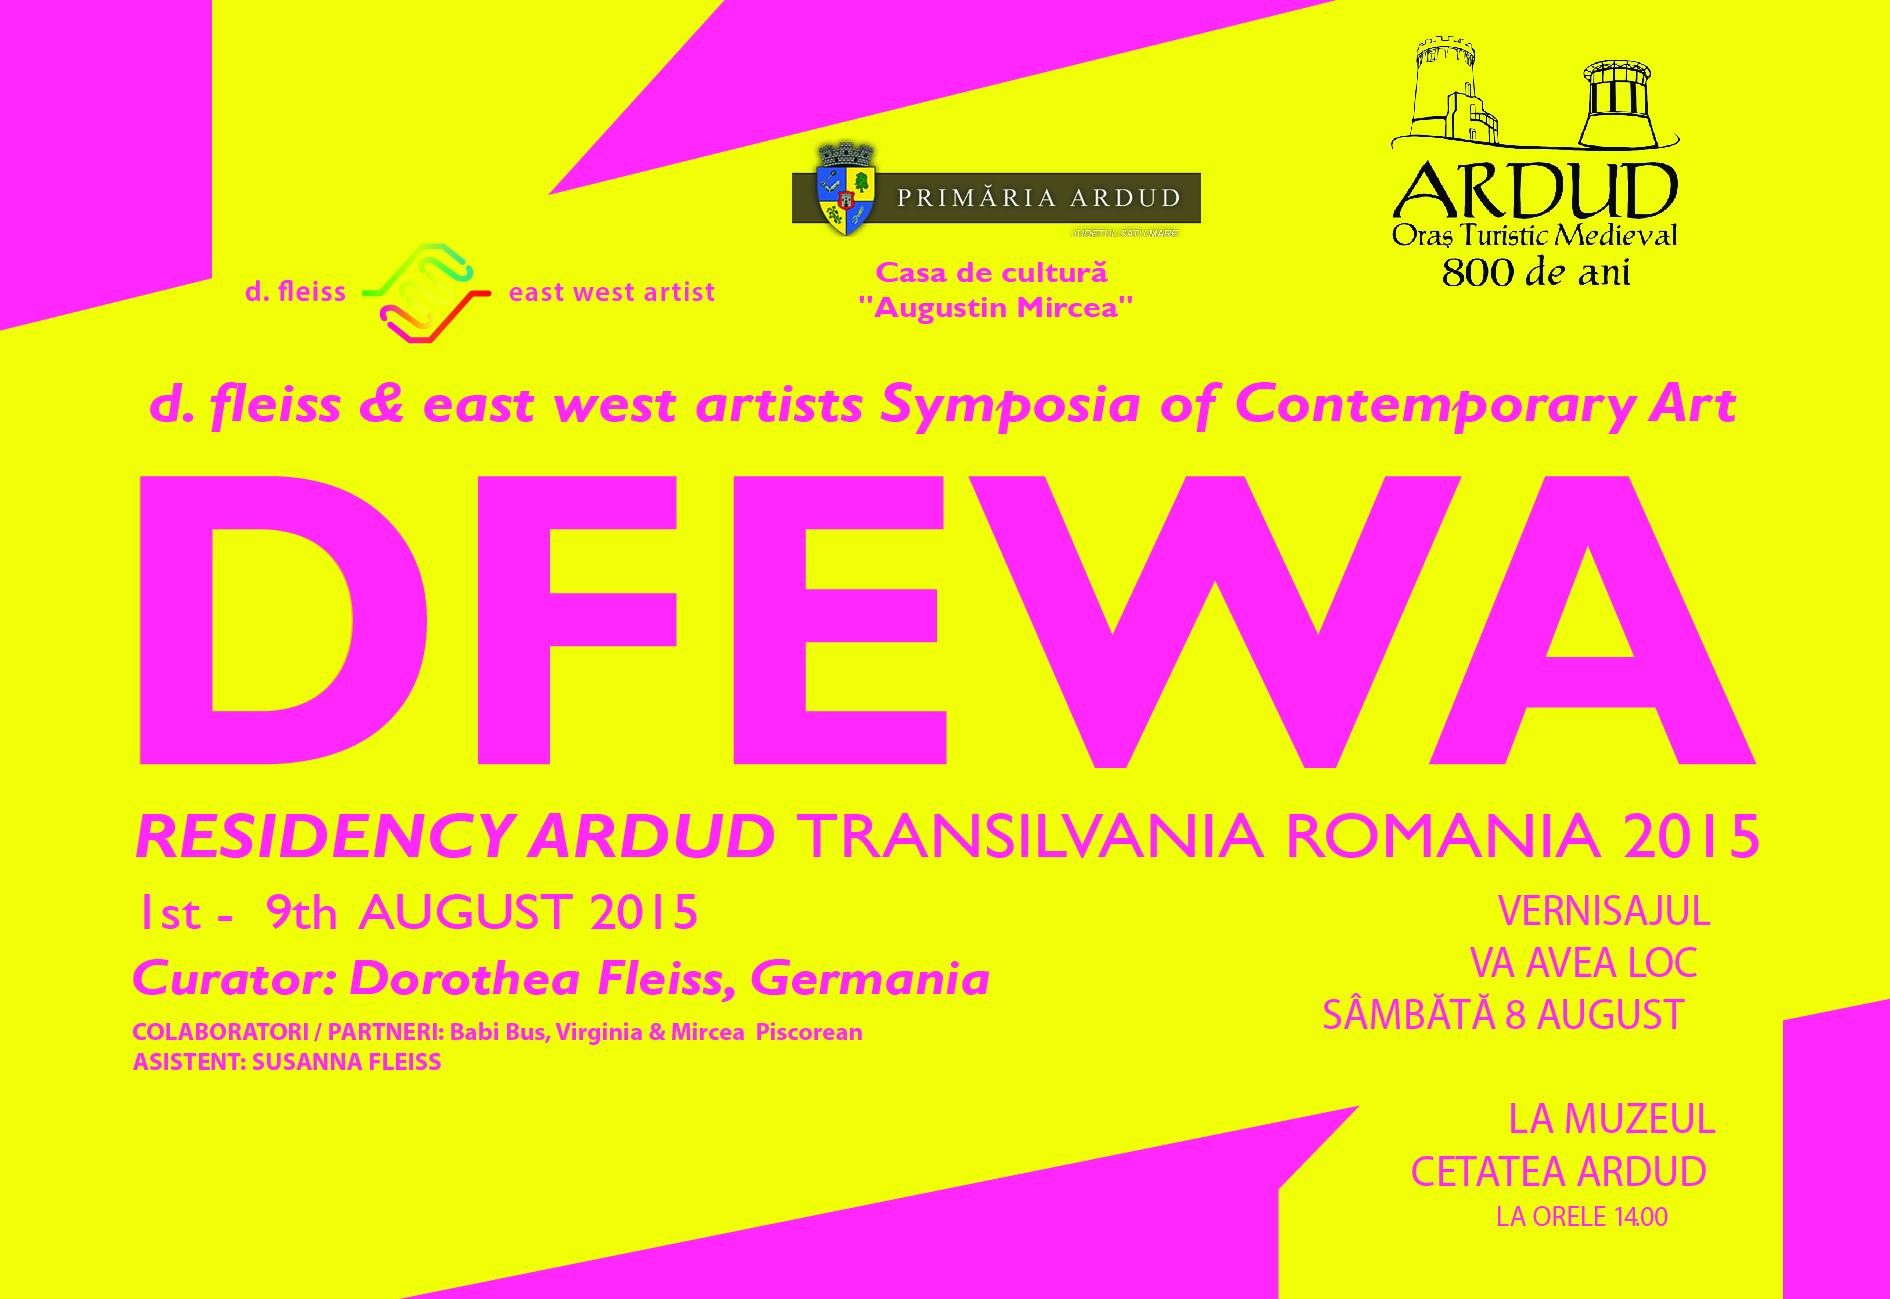 RESIDENCY ARDUD – TRANSLVANIA ROMANIA 2015